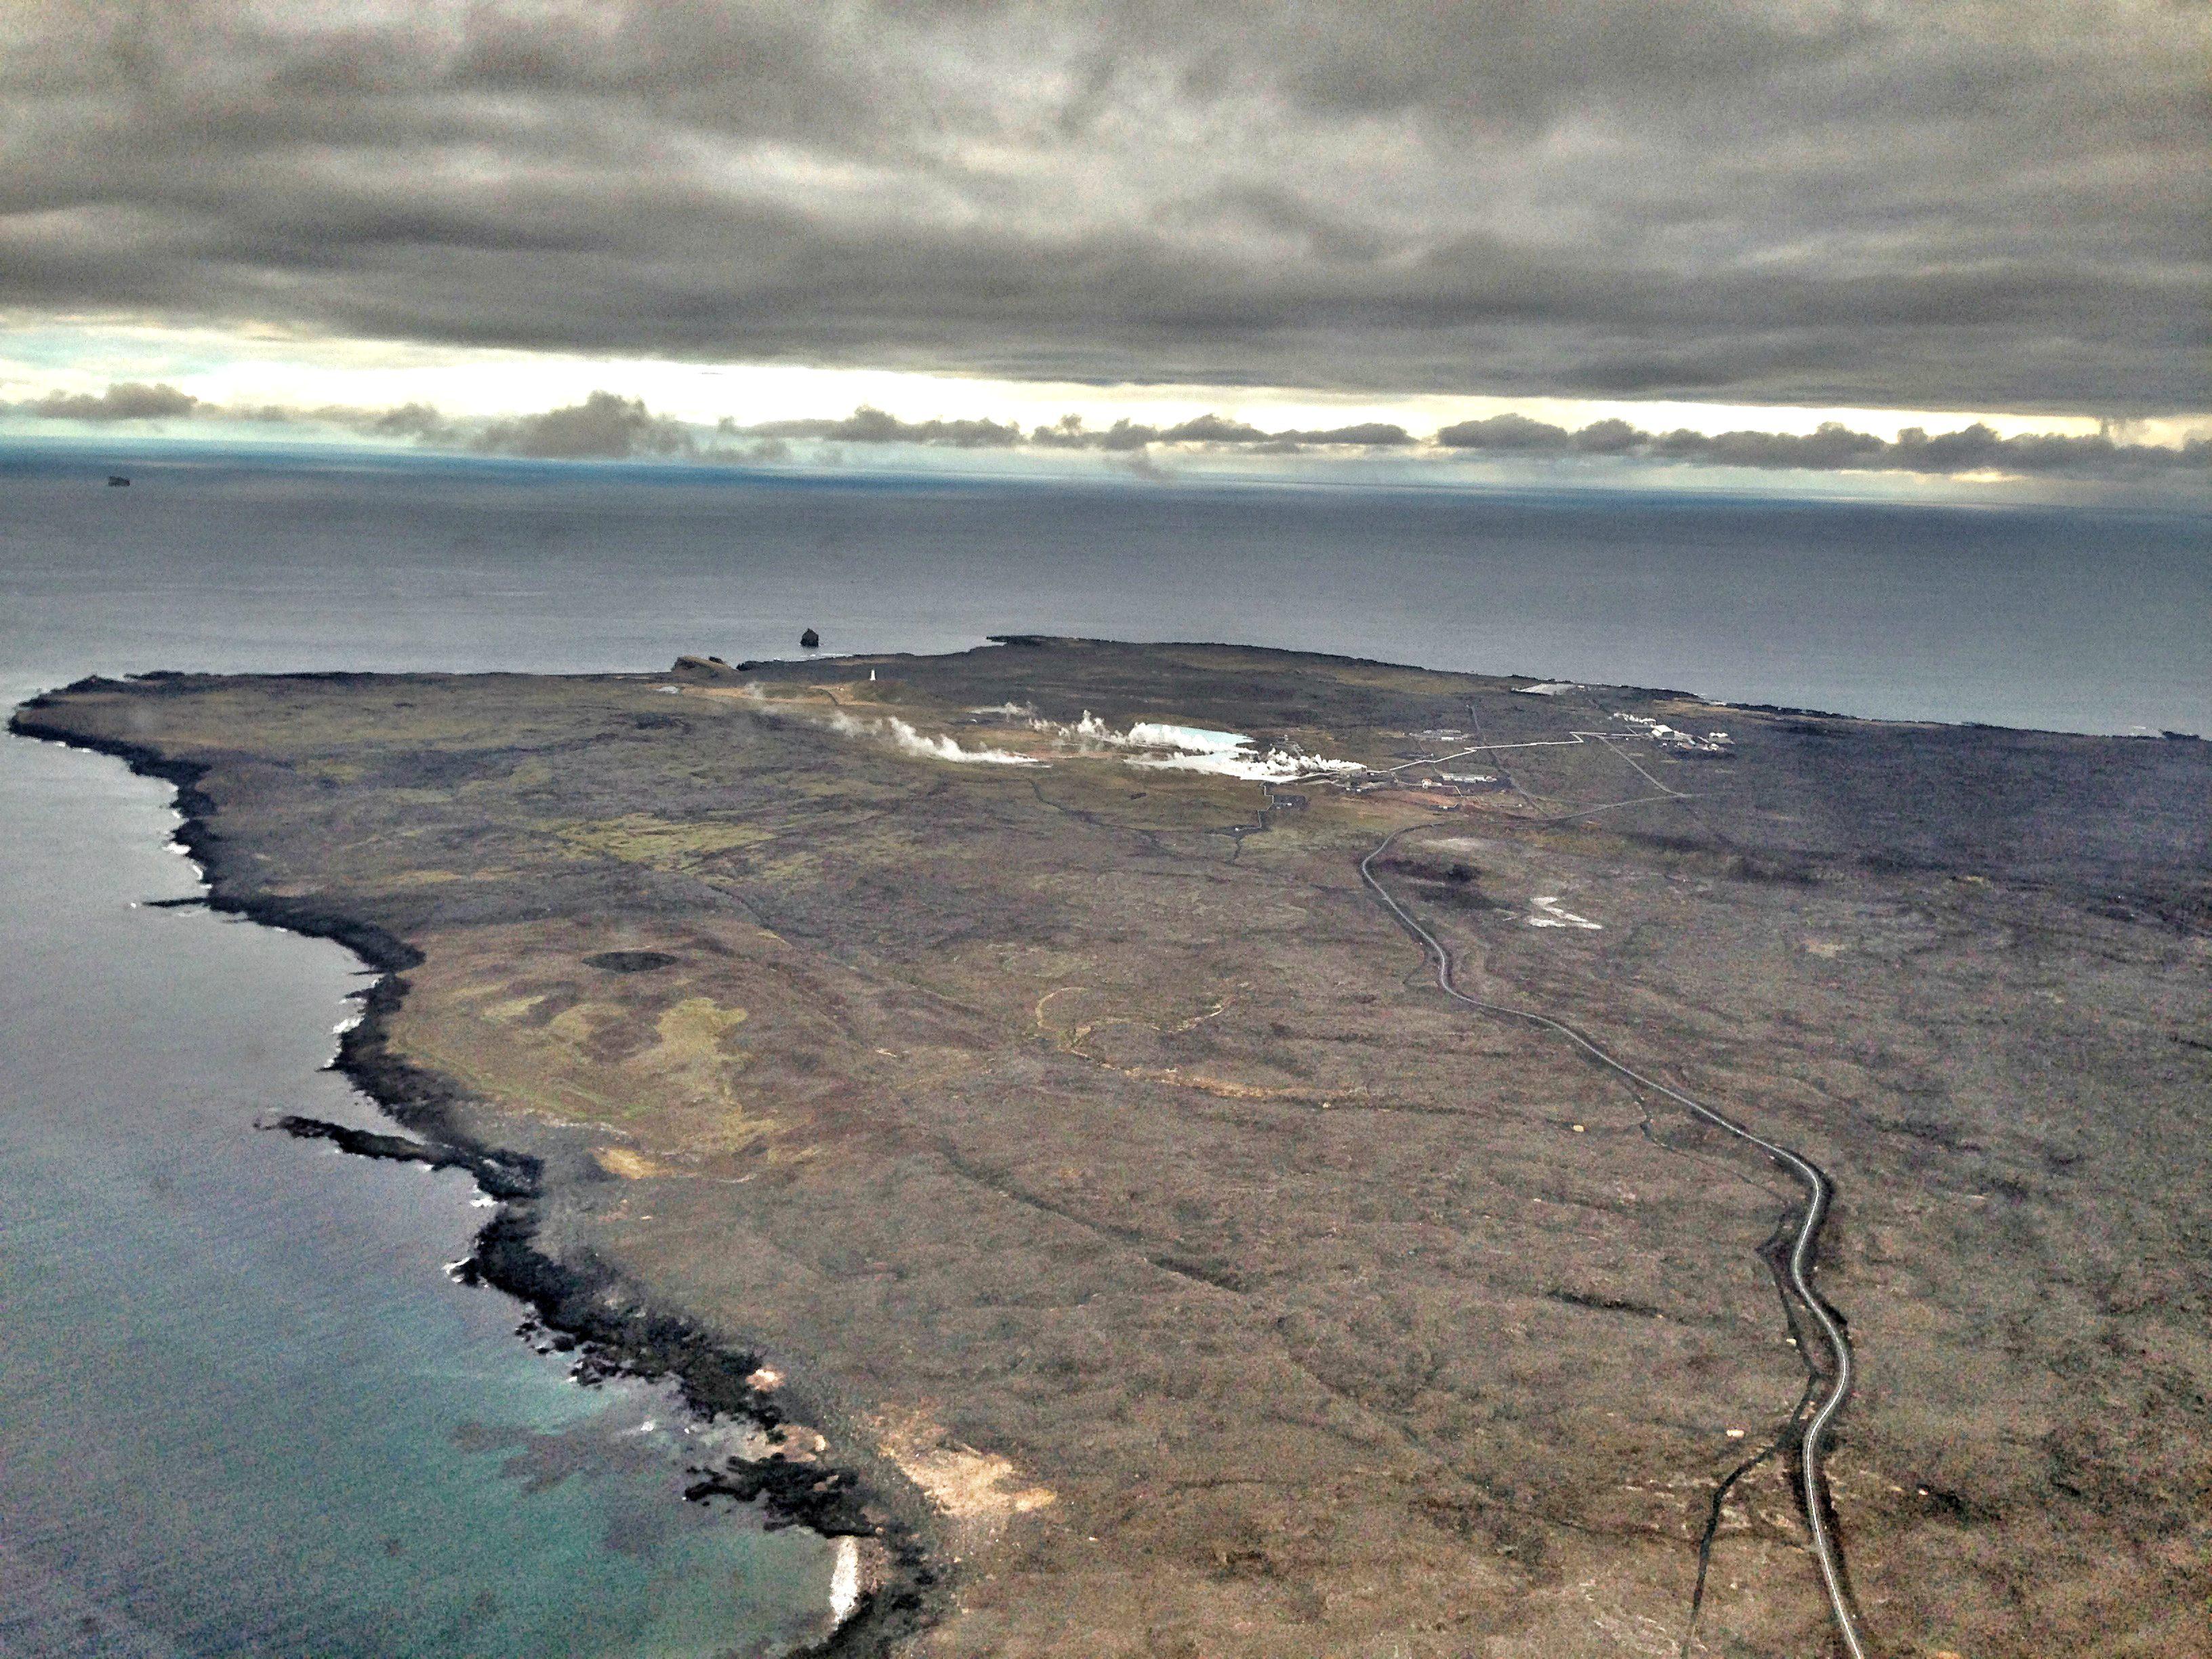 ØDE: Mye av landskapet på sørvest-Island slik ut, og det er langt mellom byene. Dette er tatt rett før landing på Keflavik.